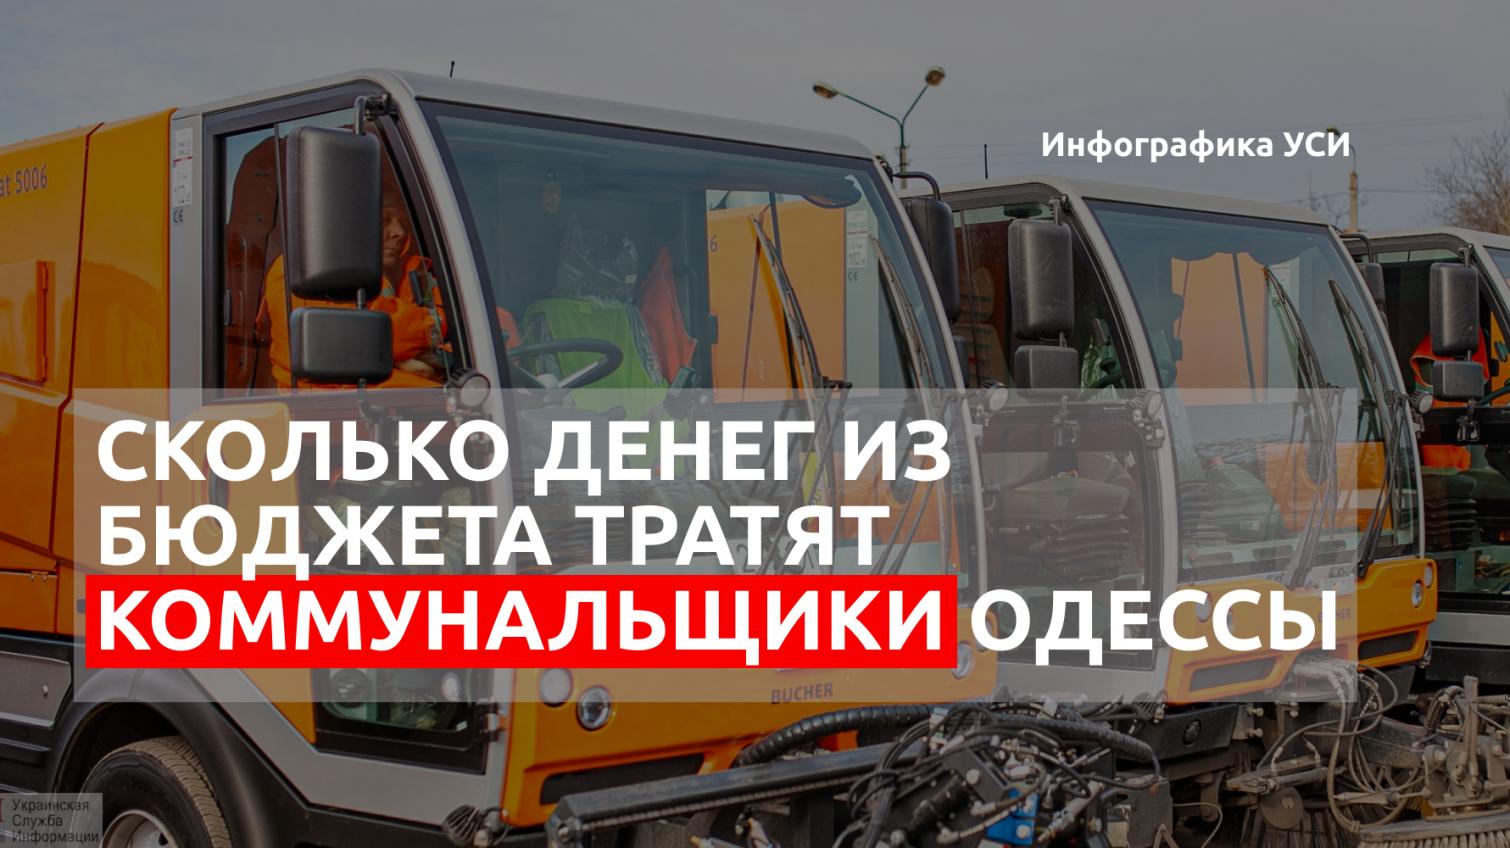 «50% прирост»: сколько денег из бюджета тратят на коммунальные предприятия Одессы (инфографика) «фото»